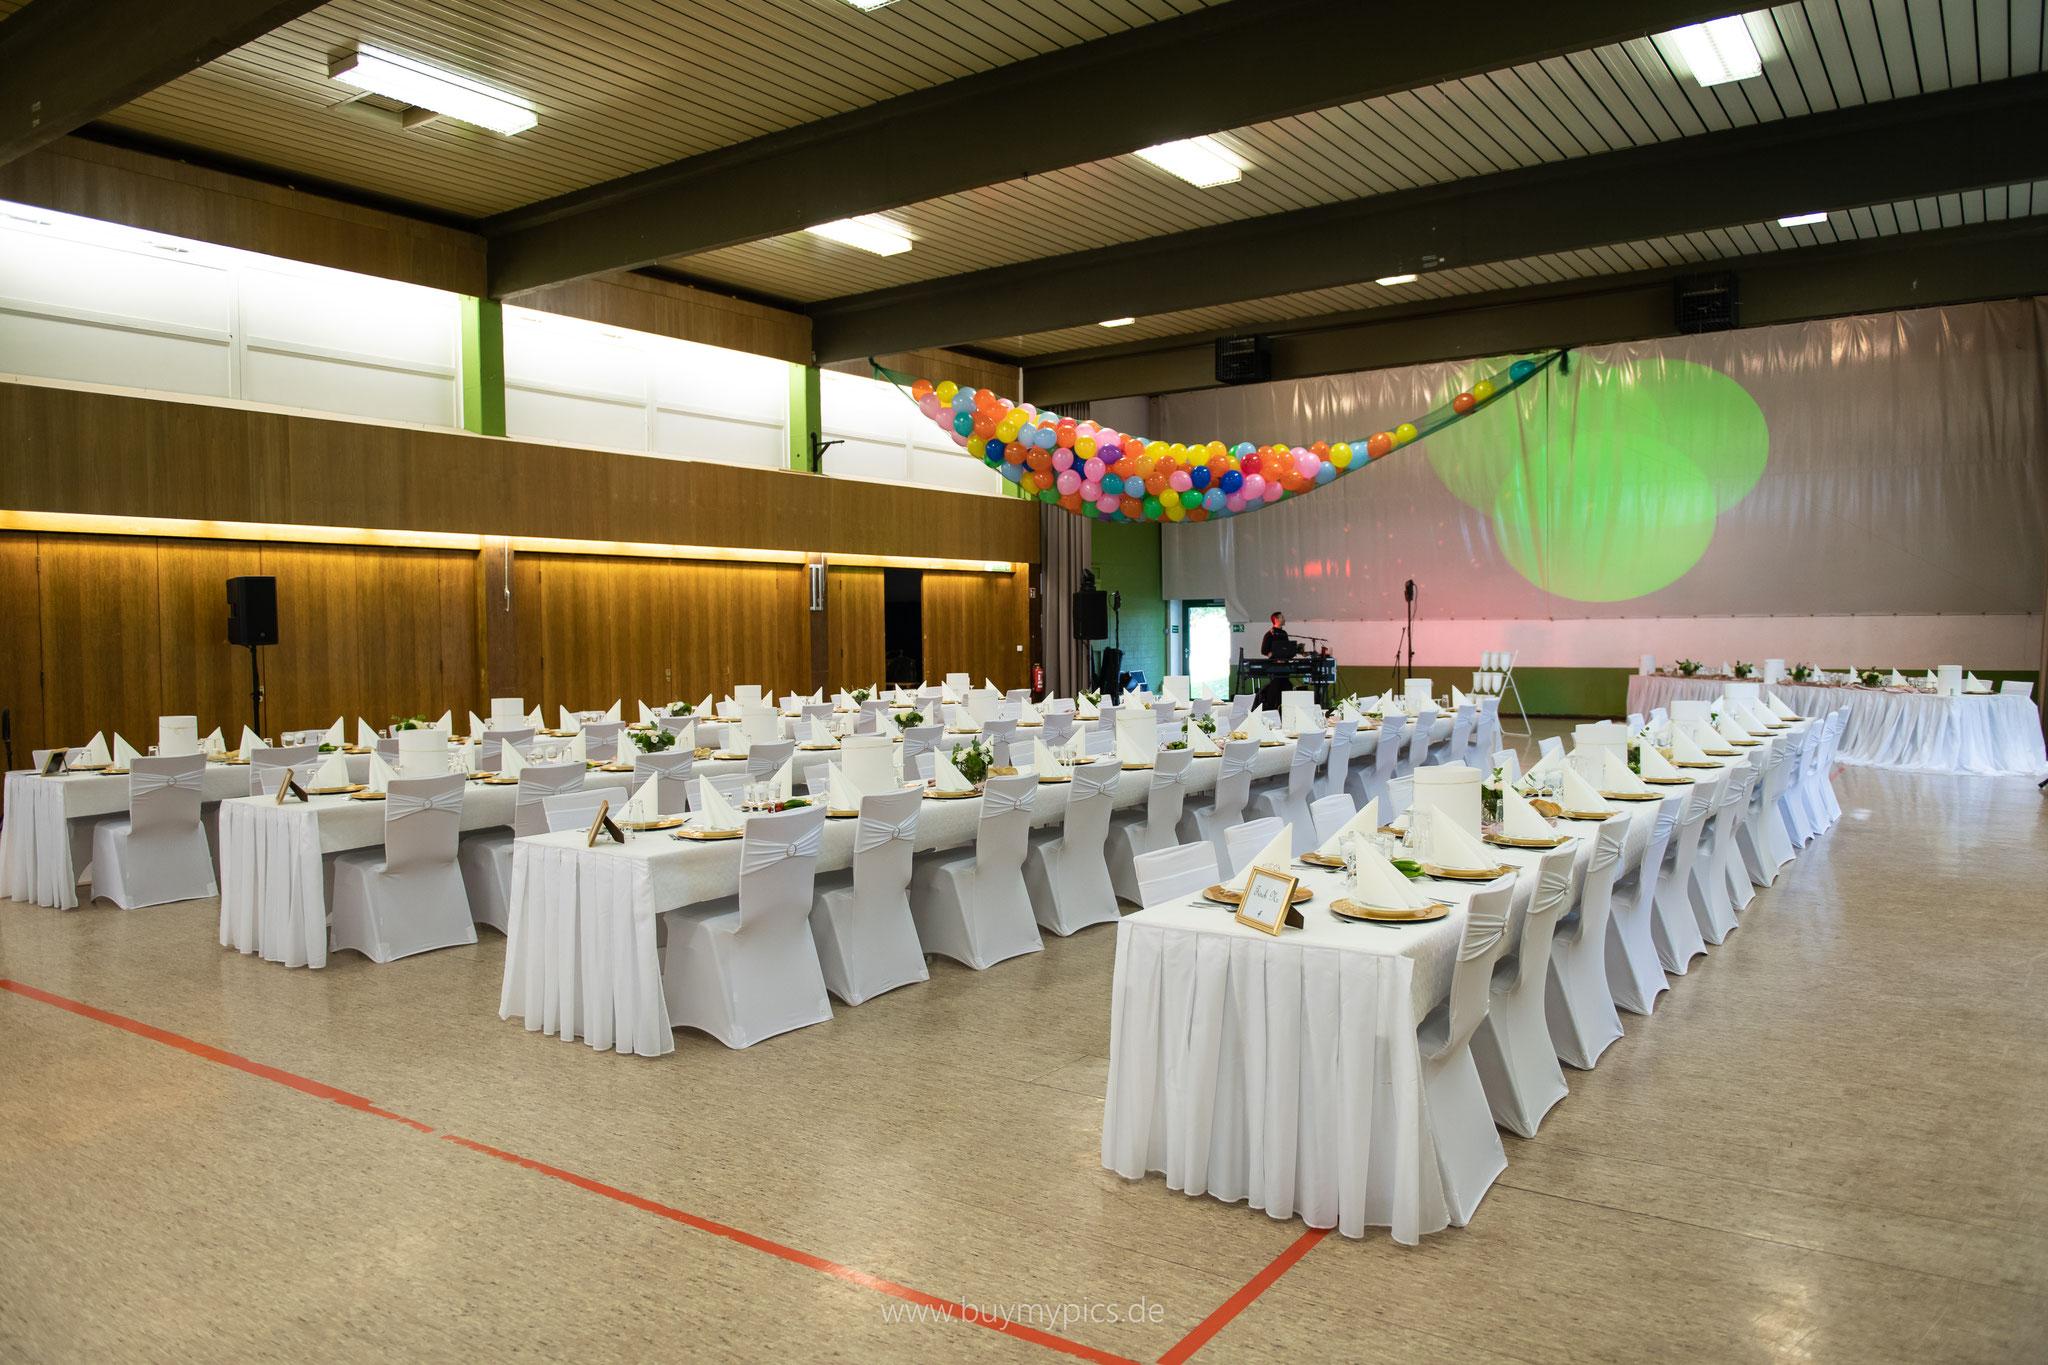 Ulmtalhalle in Greifenstein vor der Jubiläumsfeier